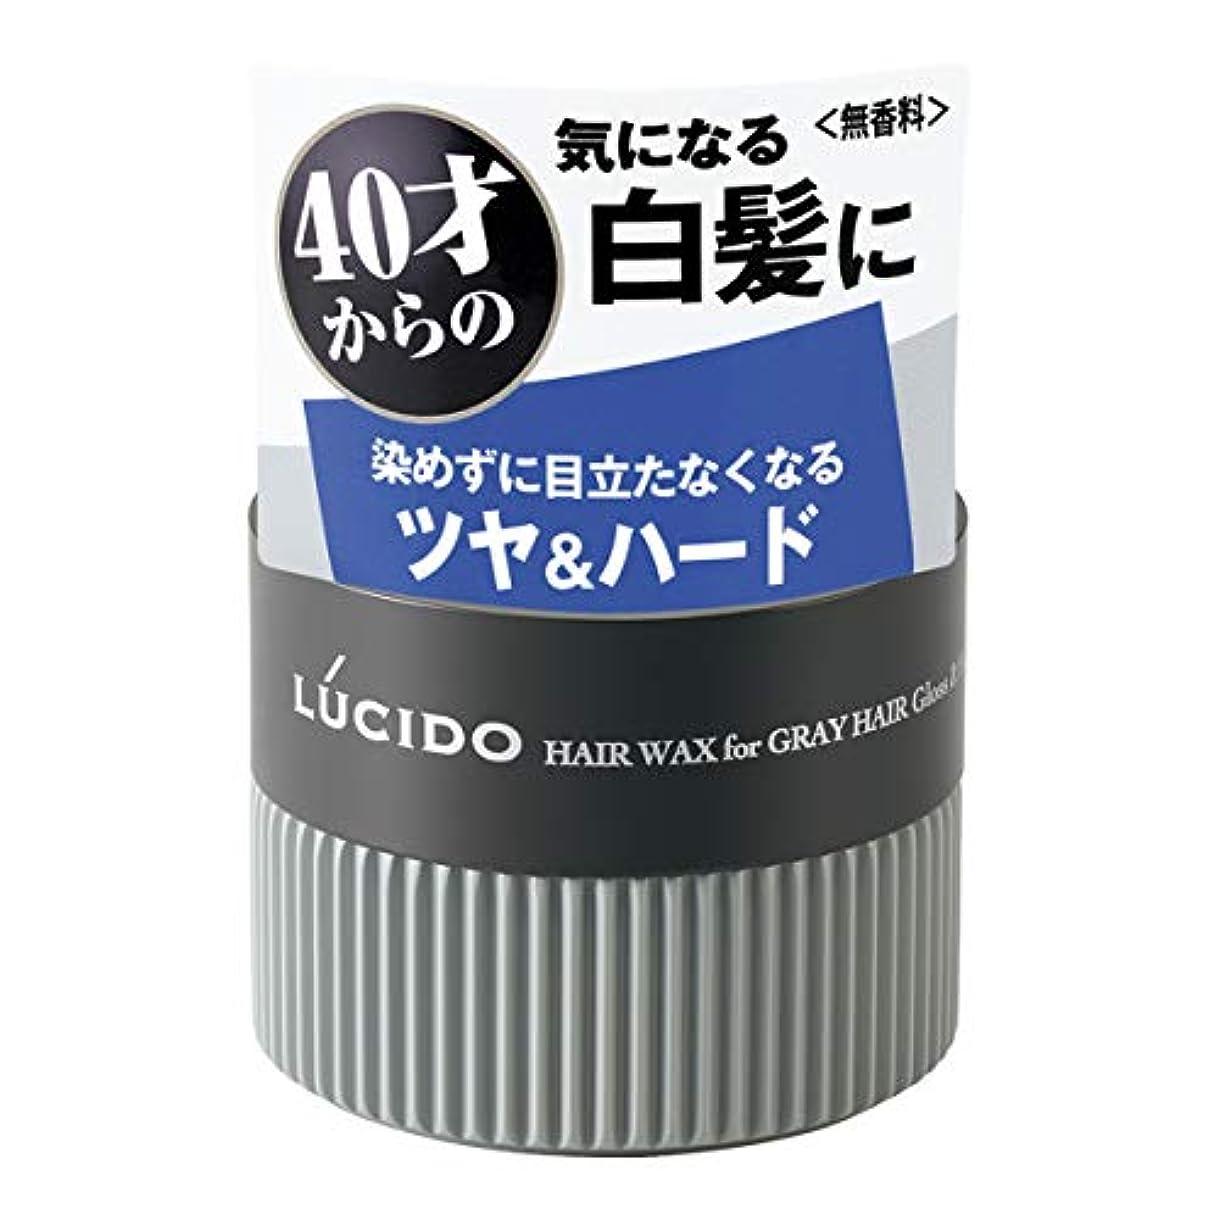 野な対角線読み書きのできないLUCIDO(ルシード) ヘアワックス 白髪用ワックス グロス&ハード 80g